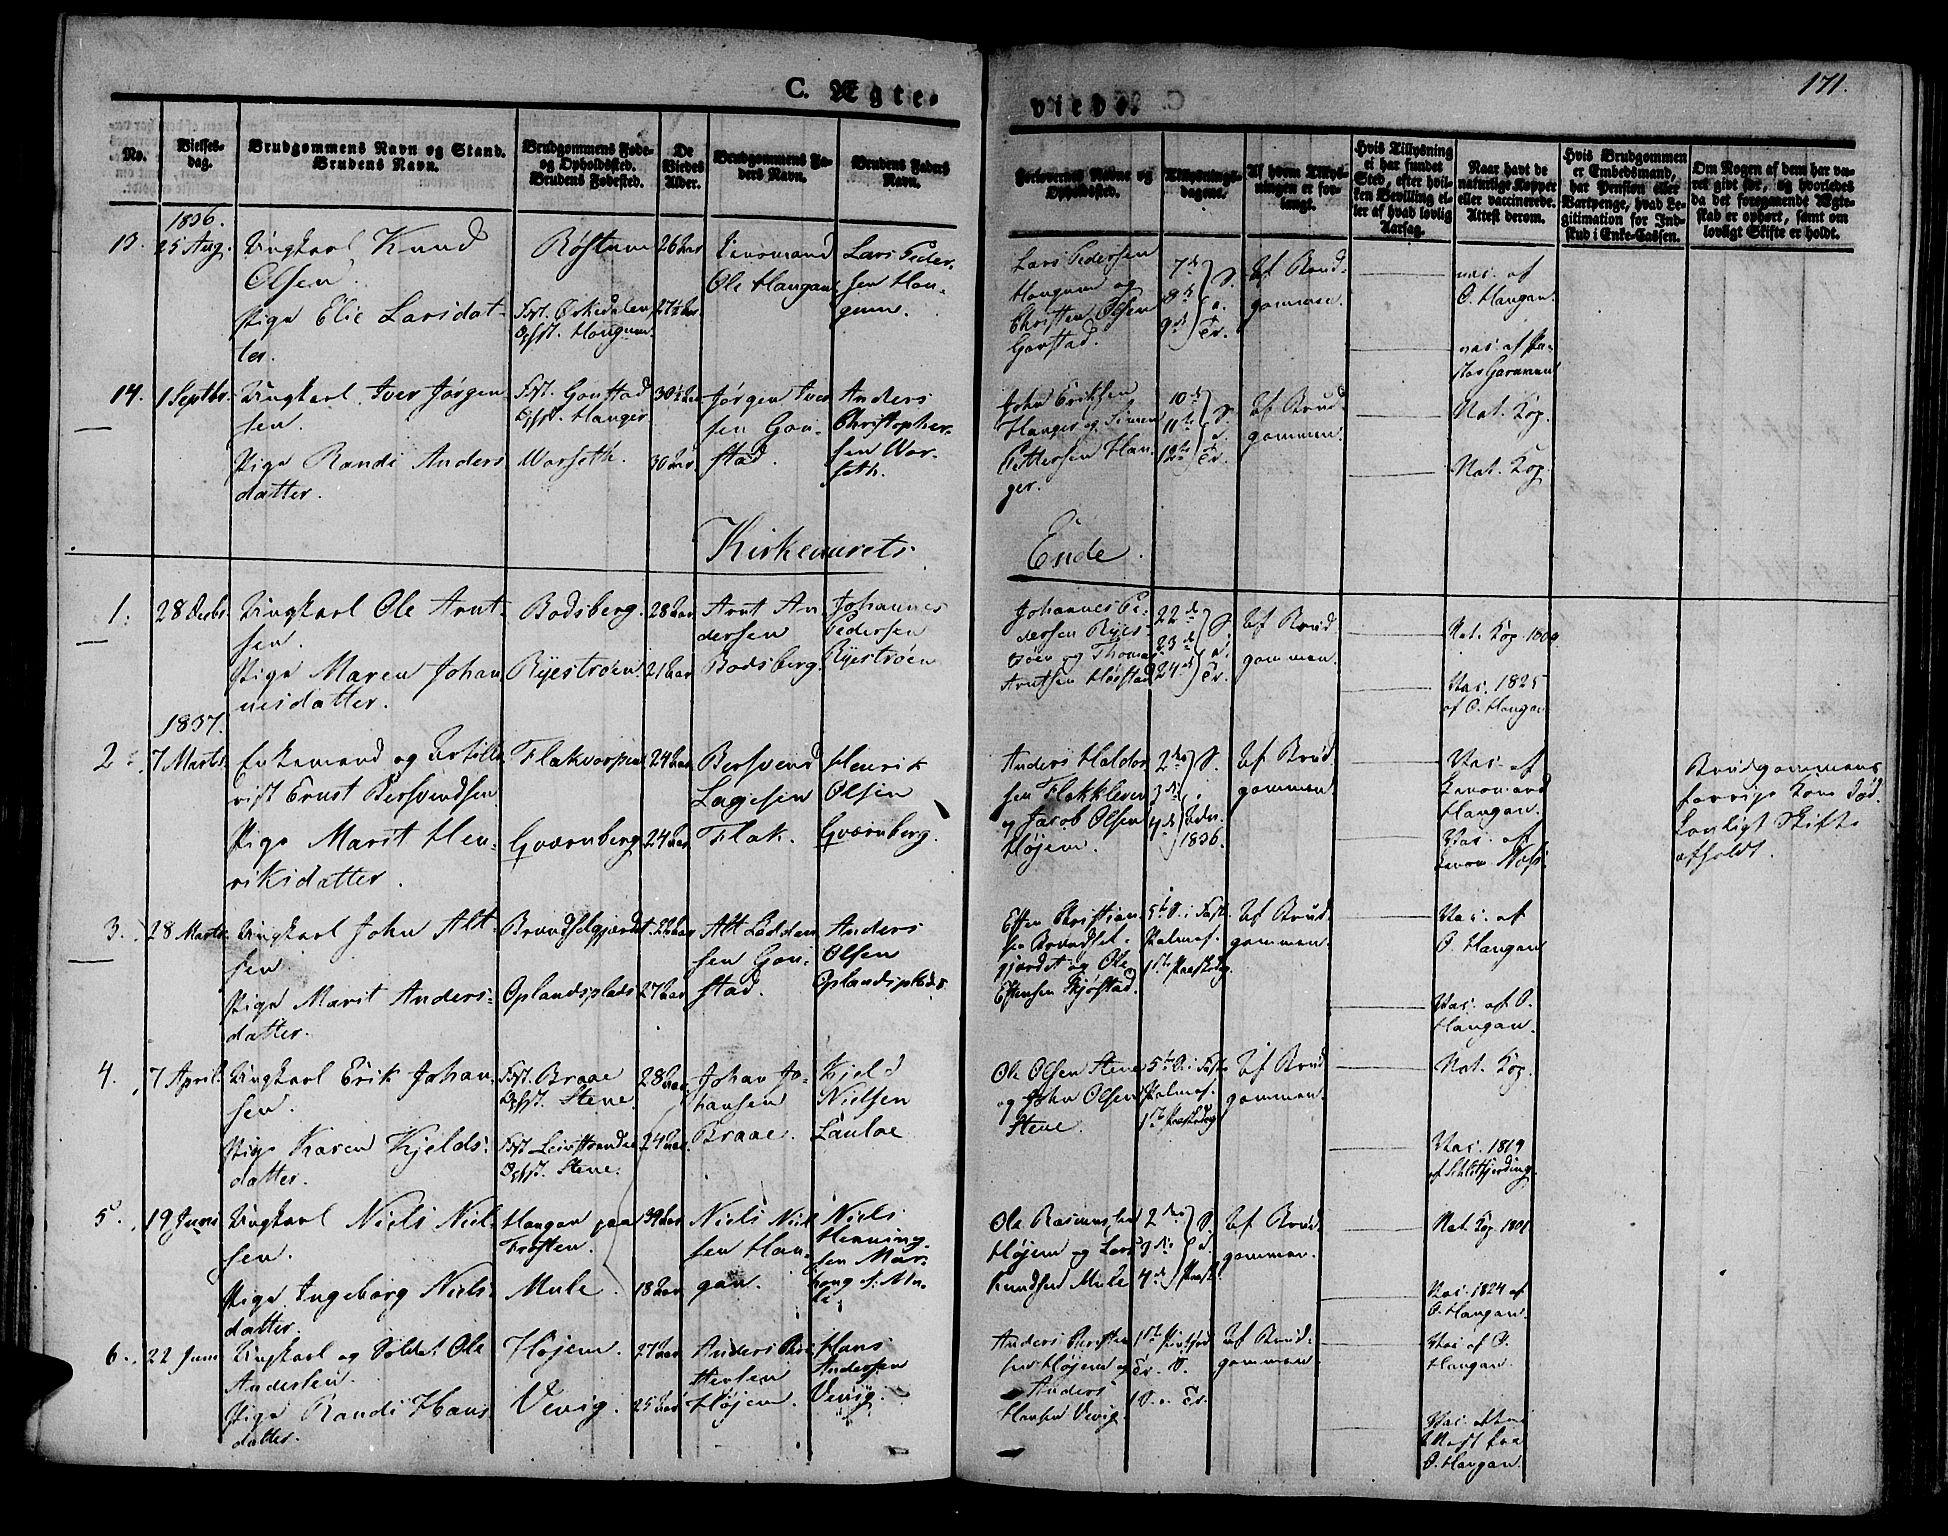 SAT, Ministerialprotokoller, klokkerbøker og fødselsregistre - Sør-Trøndelag, 612/L0374: Ministerialbok nr. 612A07 /1, 1829-1845, s. 171